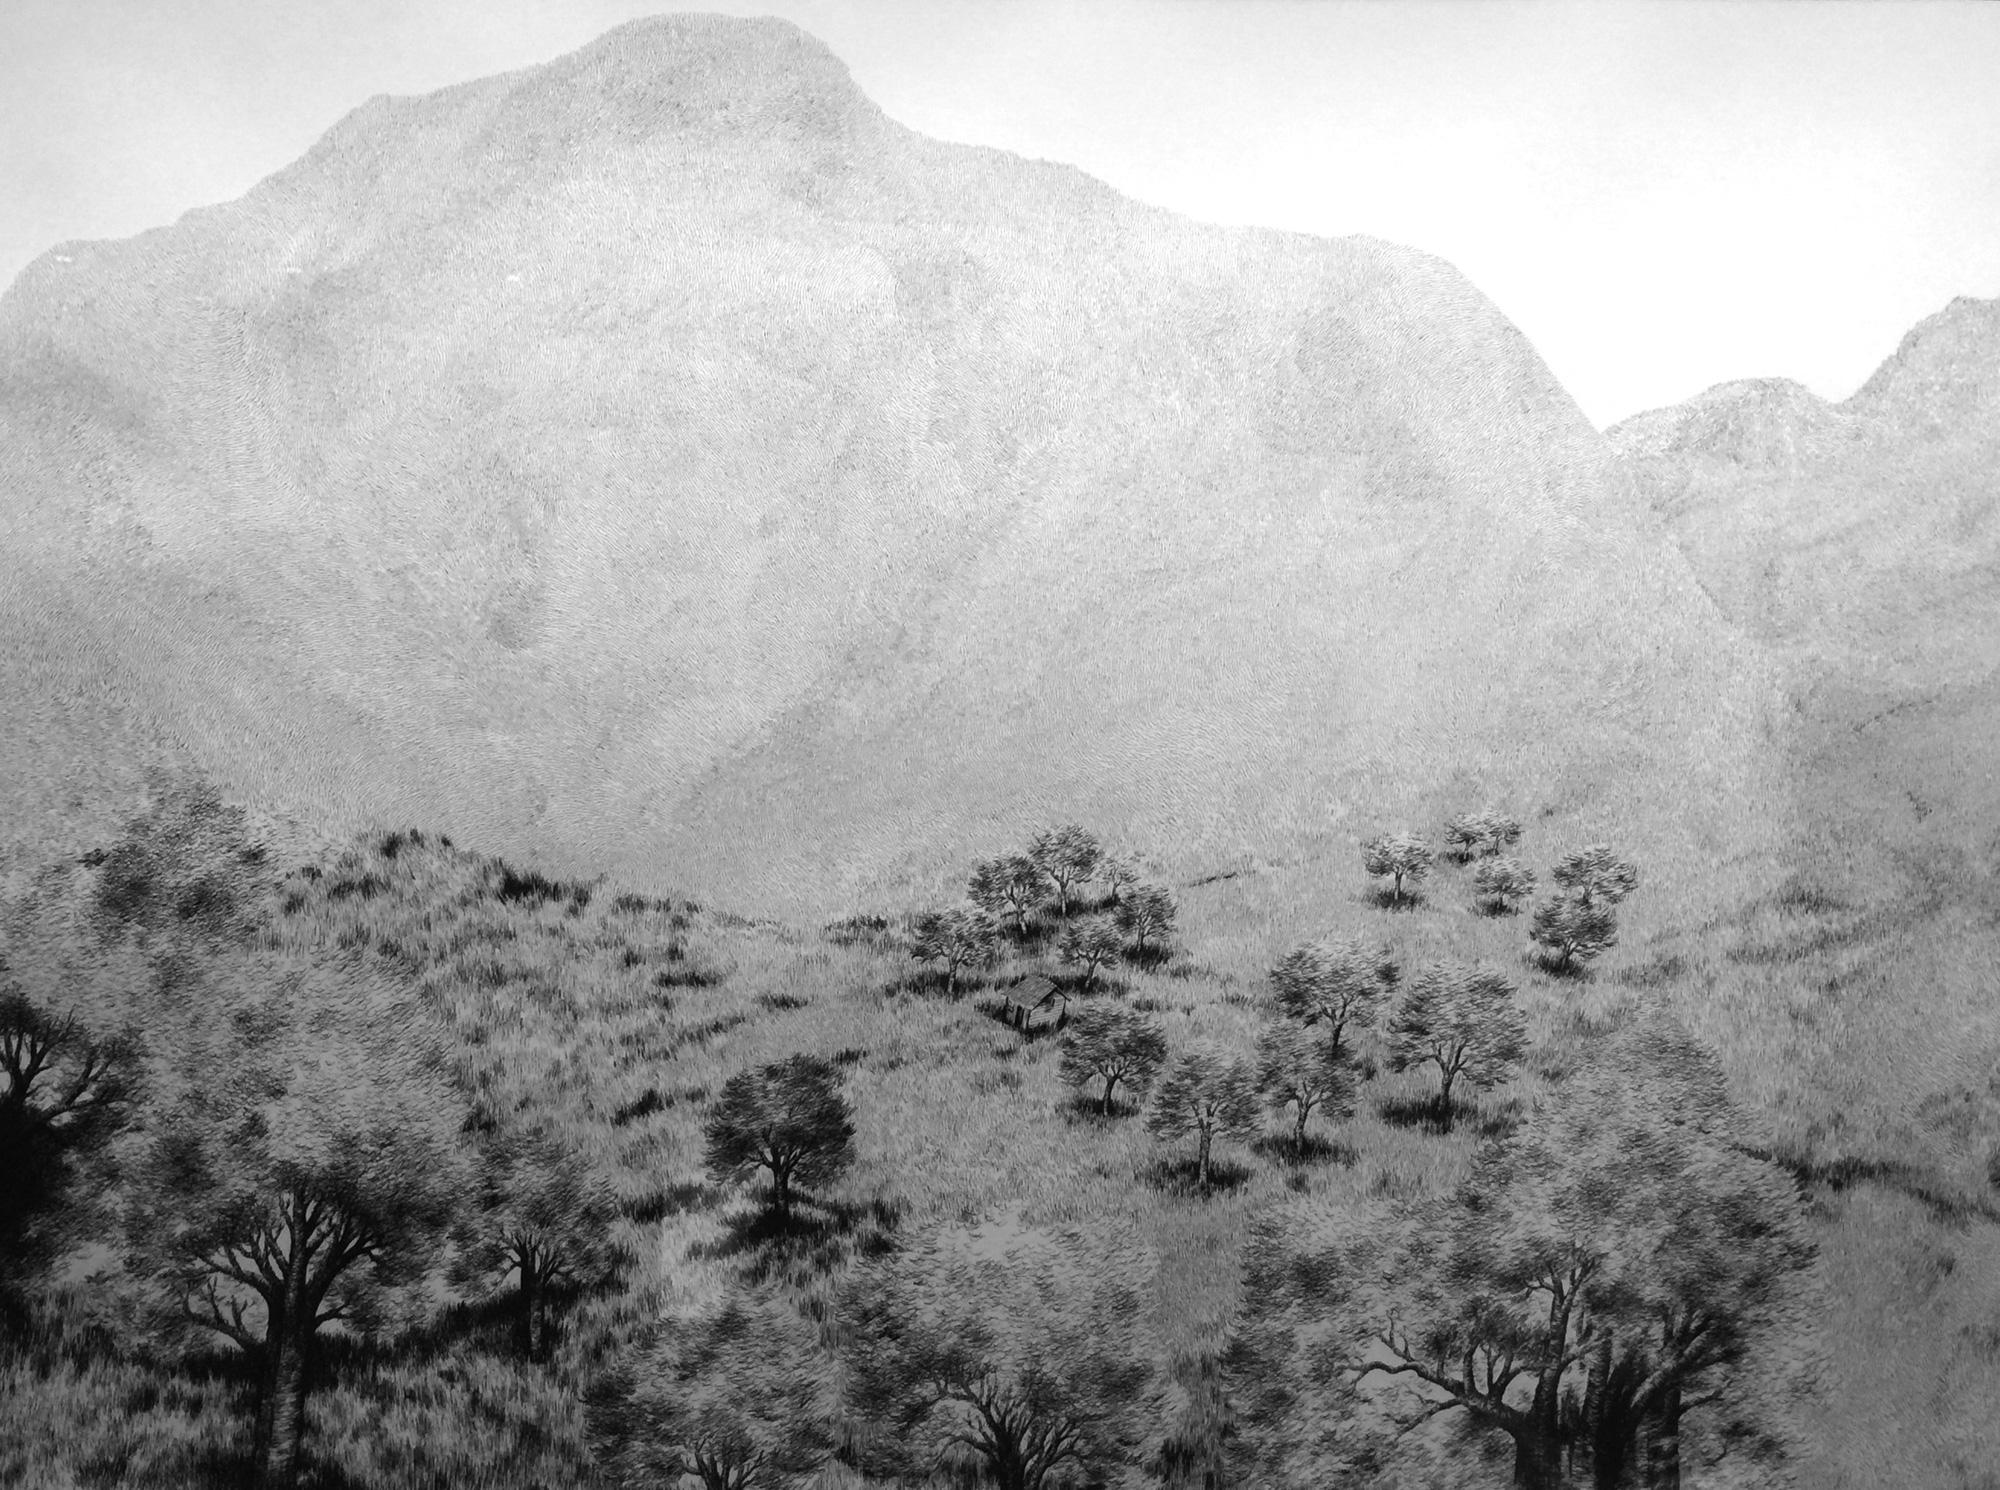 Nylso | Creux de montagne | Nylso